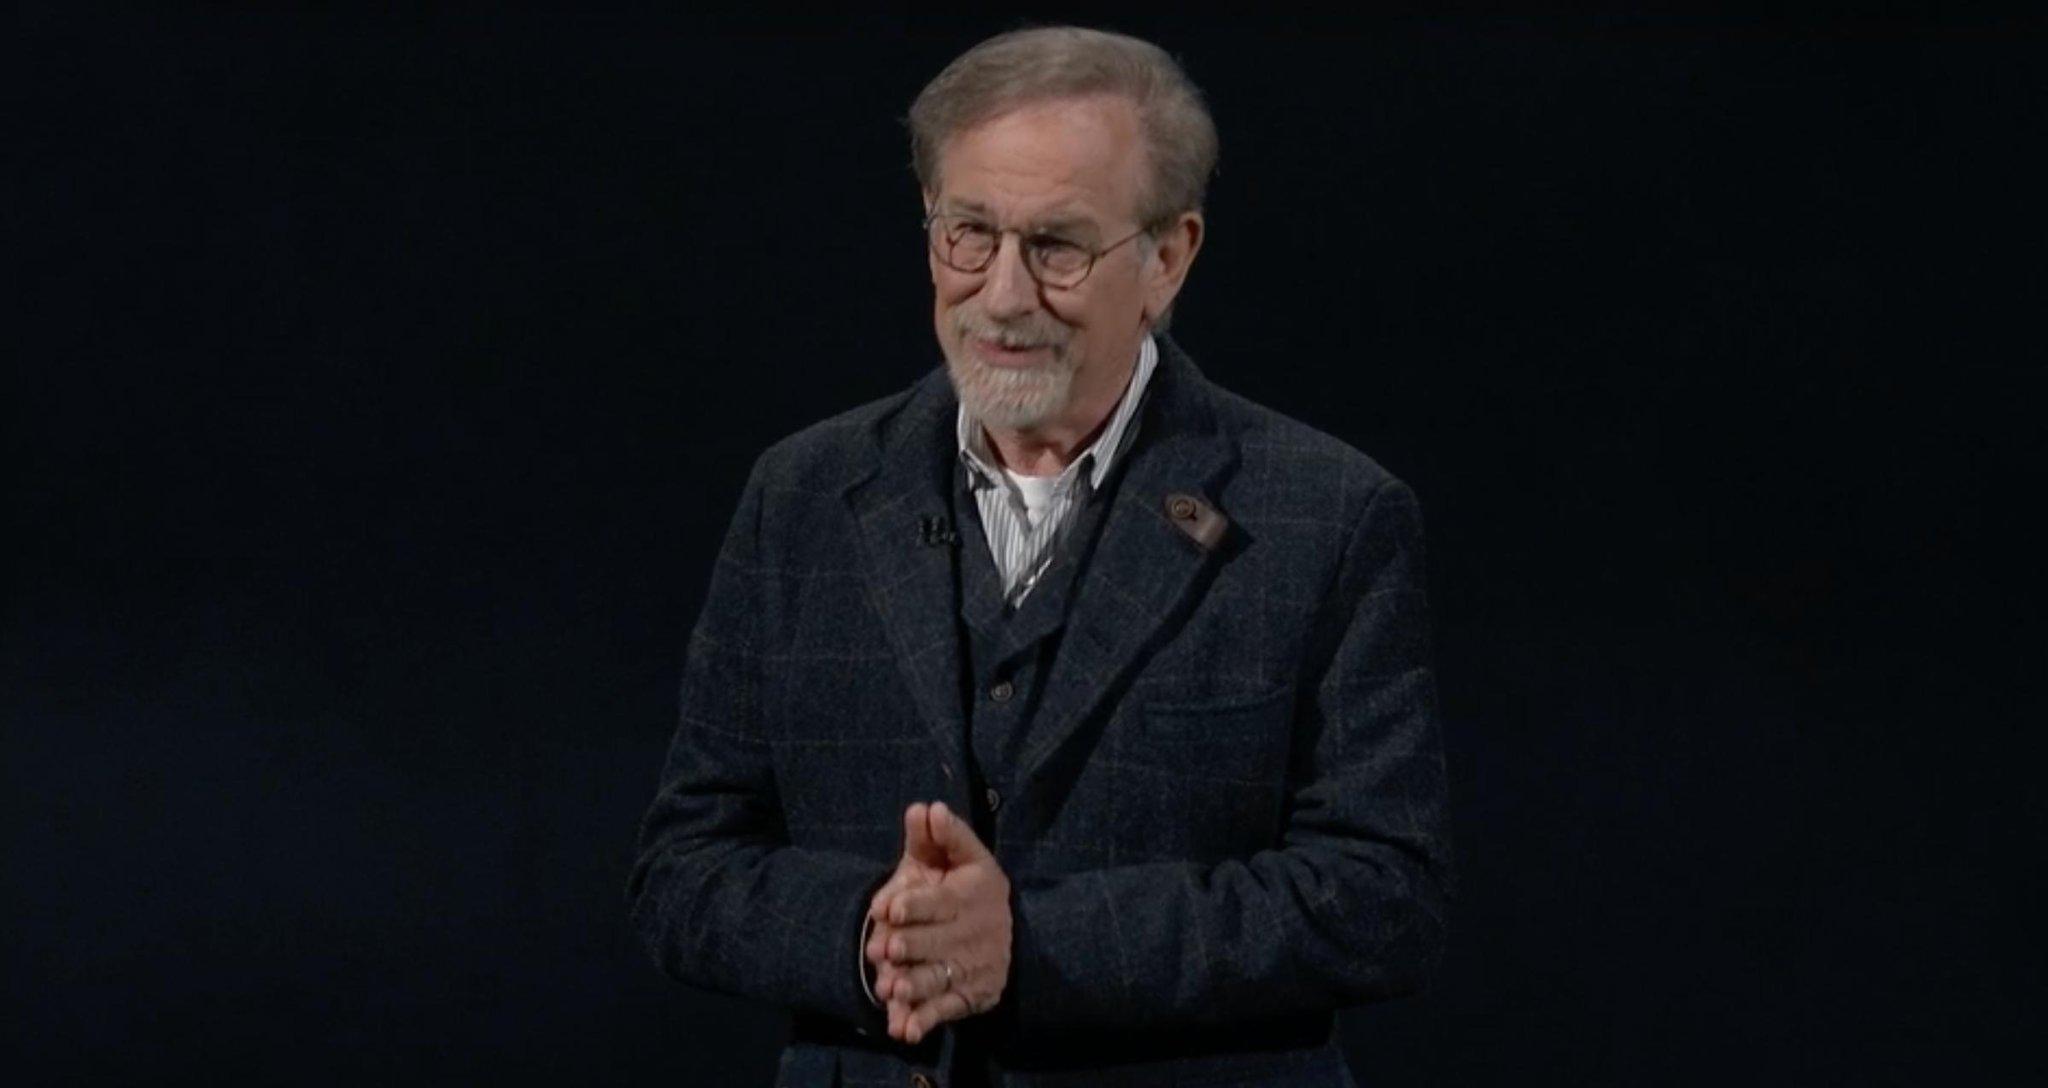 Steven Spielberg en una Keynote de Apple, presentando su obra para Apple TV+